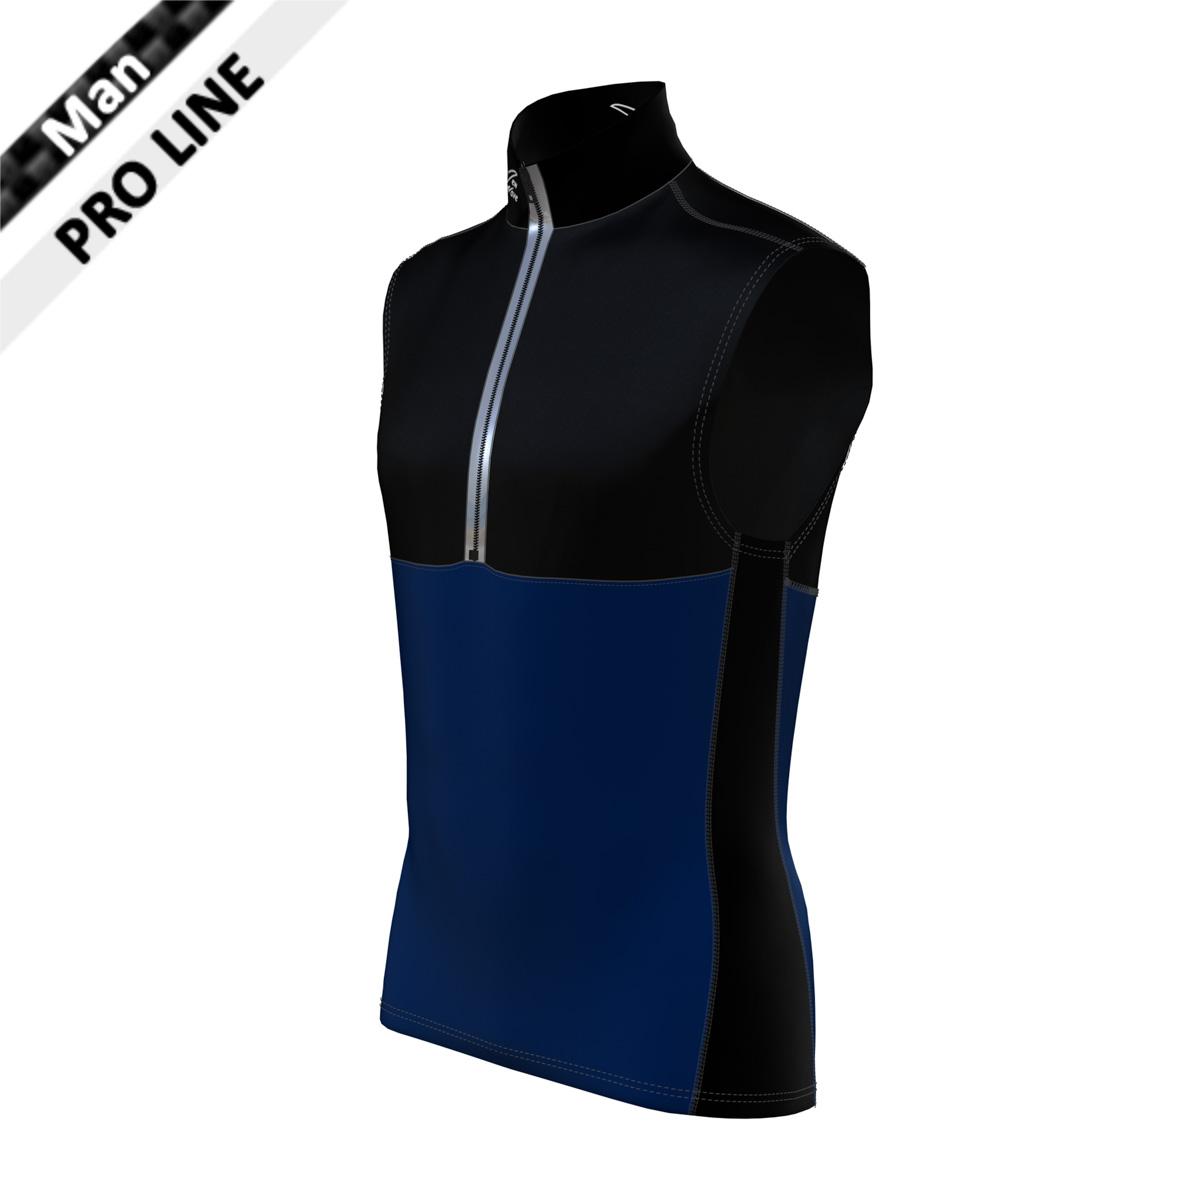 Pro Vest Man - Black/Navy (Kragen, Brust, Rücken oben, Seitenstreifen-schwarz/Bauch & Rücken unten-marine)